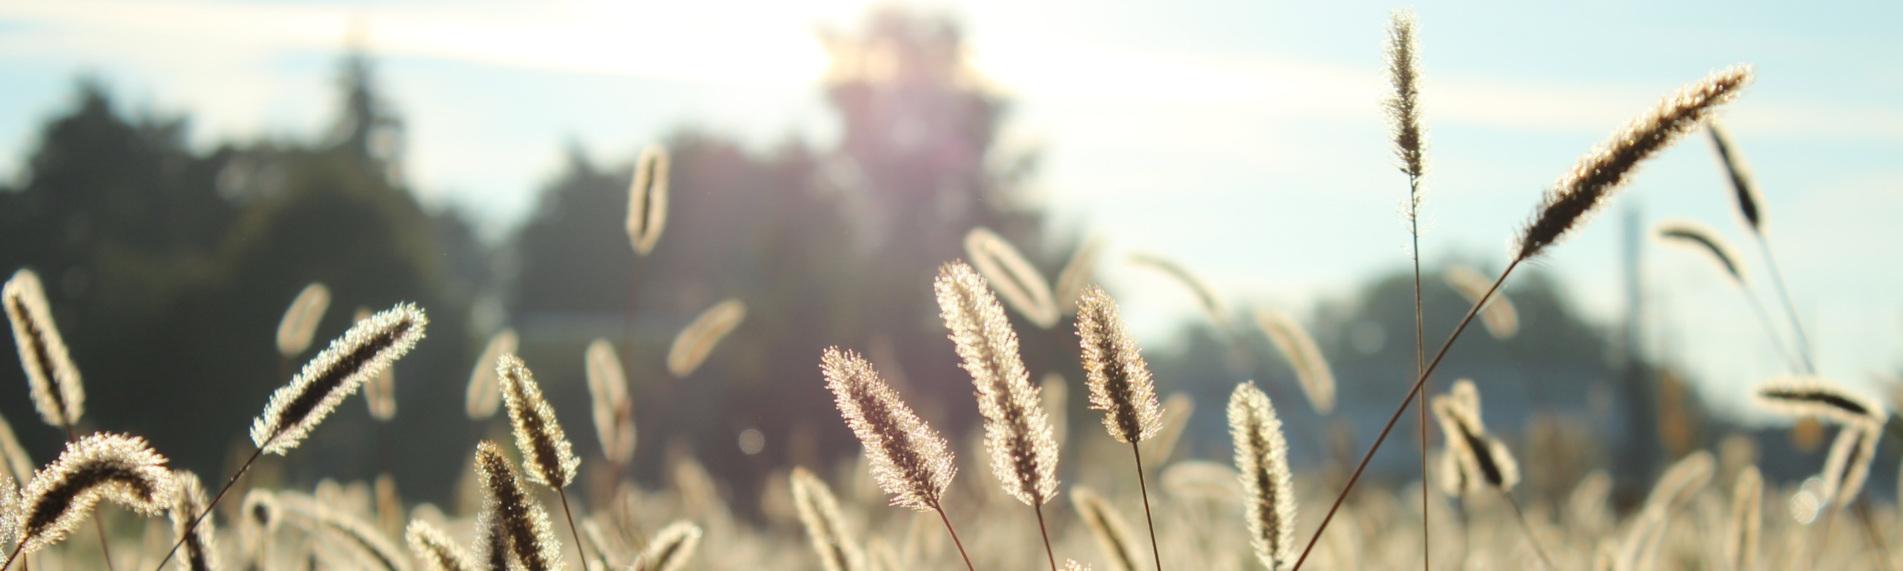 Tør luft kan forværre astma- og allergisymptomer